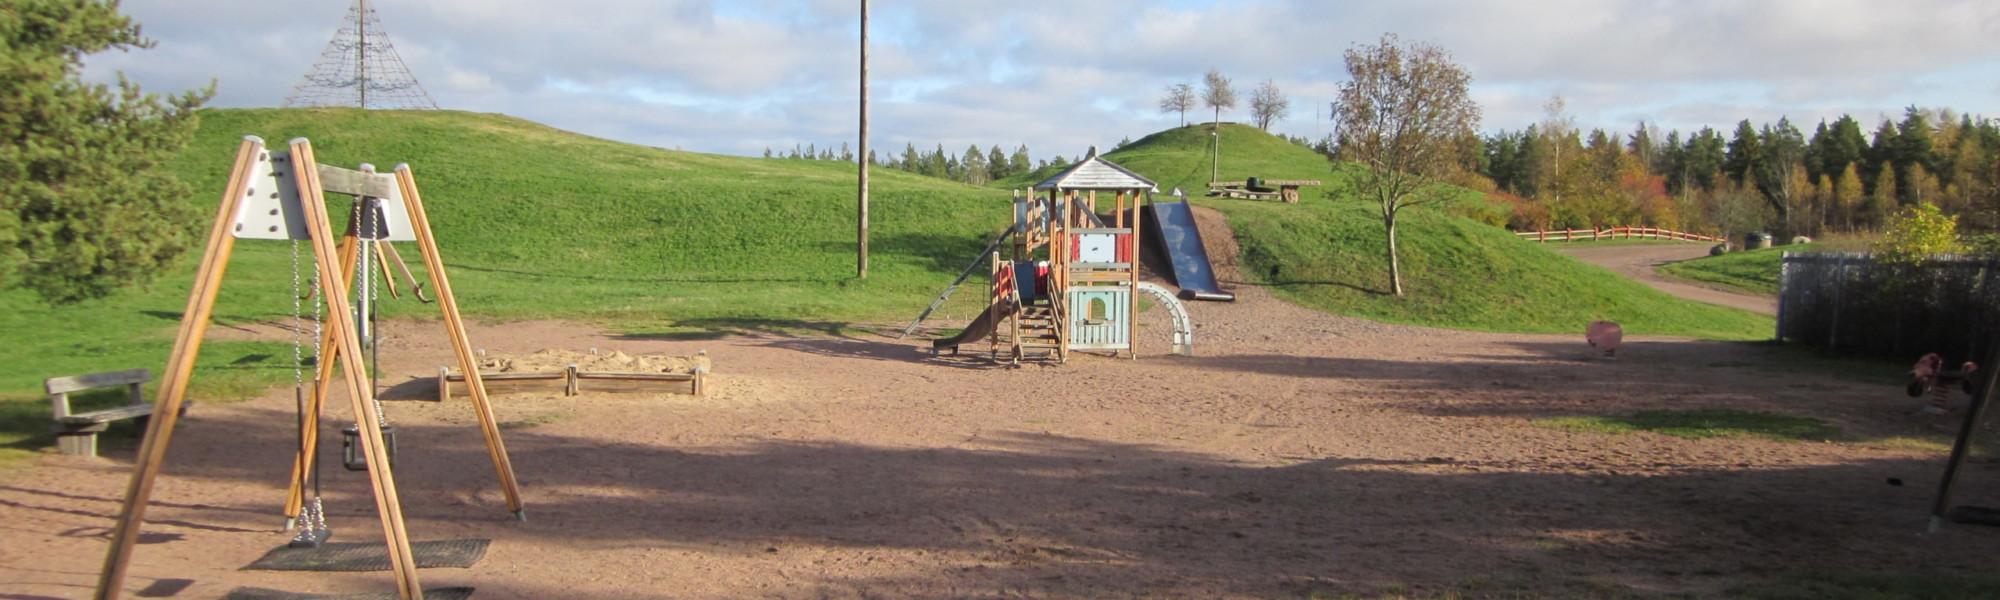 Kuvassa on Kumparepuiston leikkipaikka